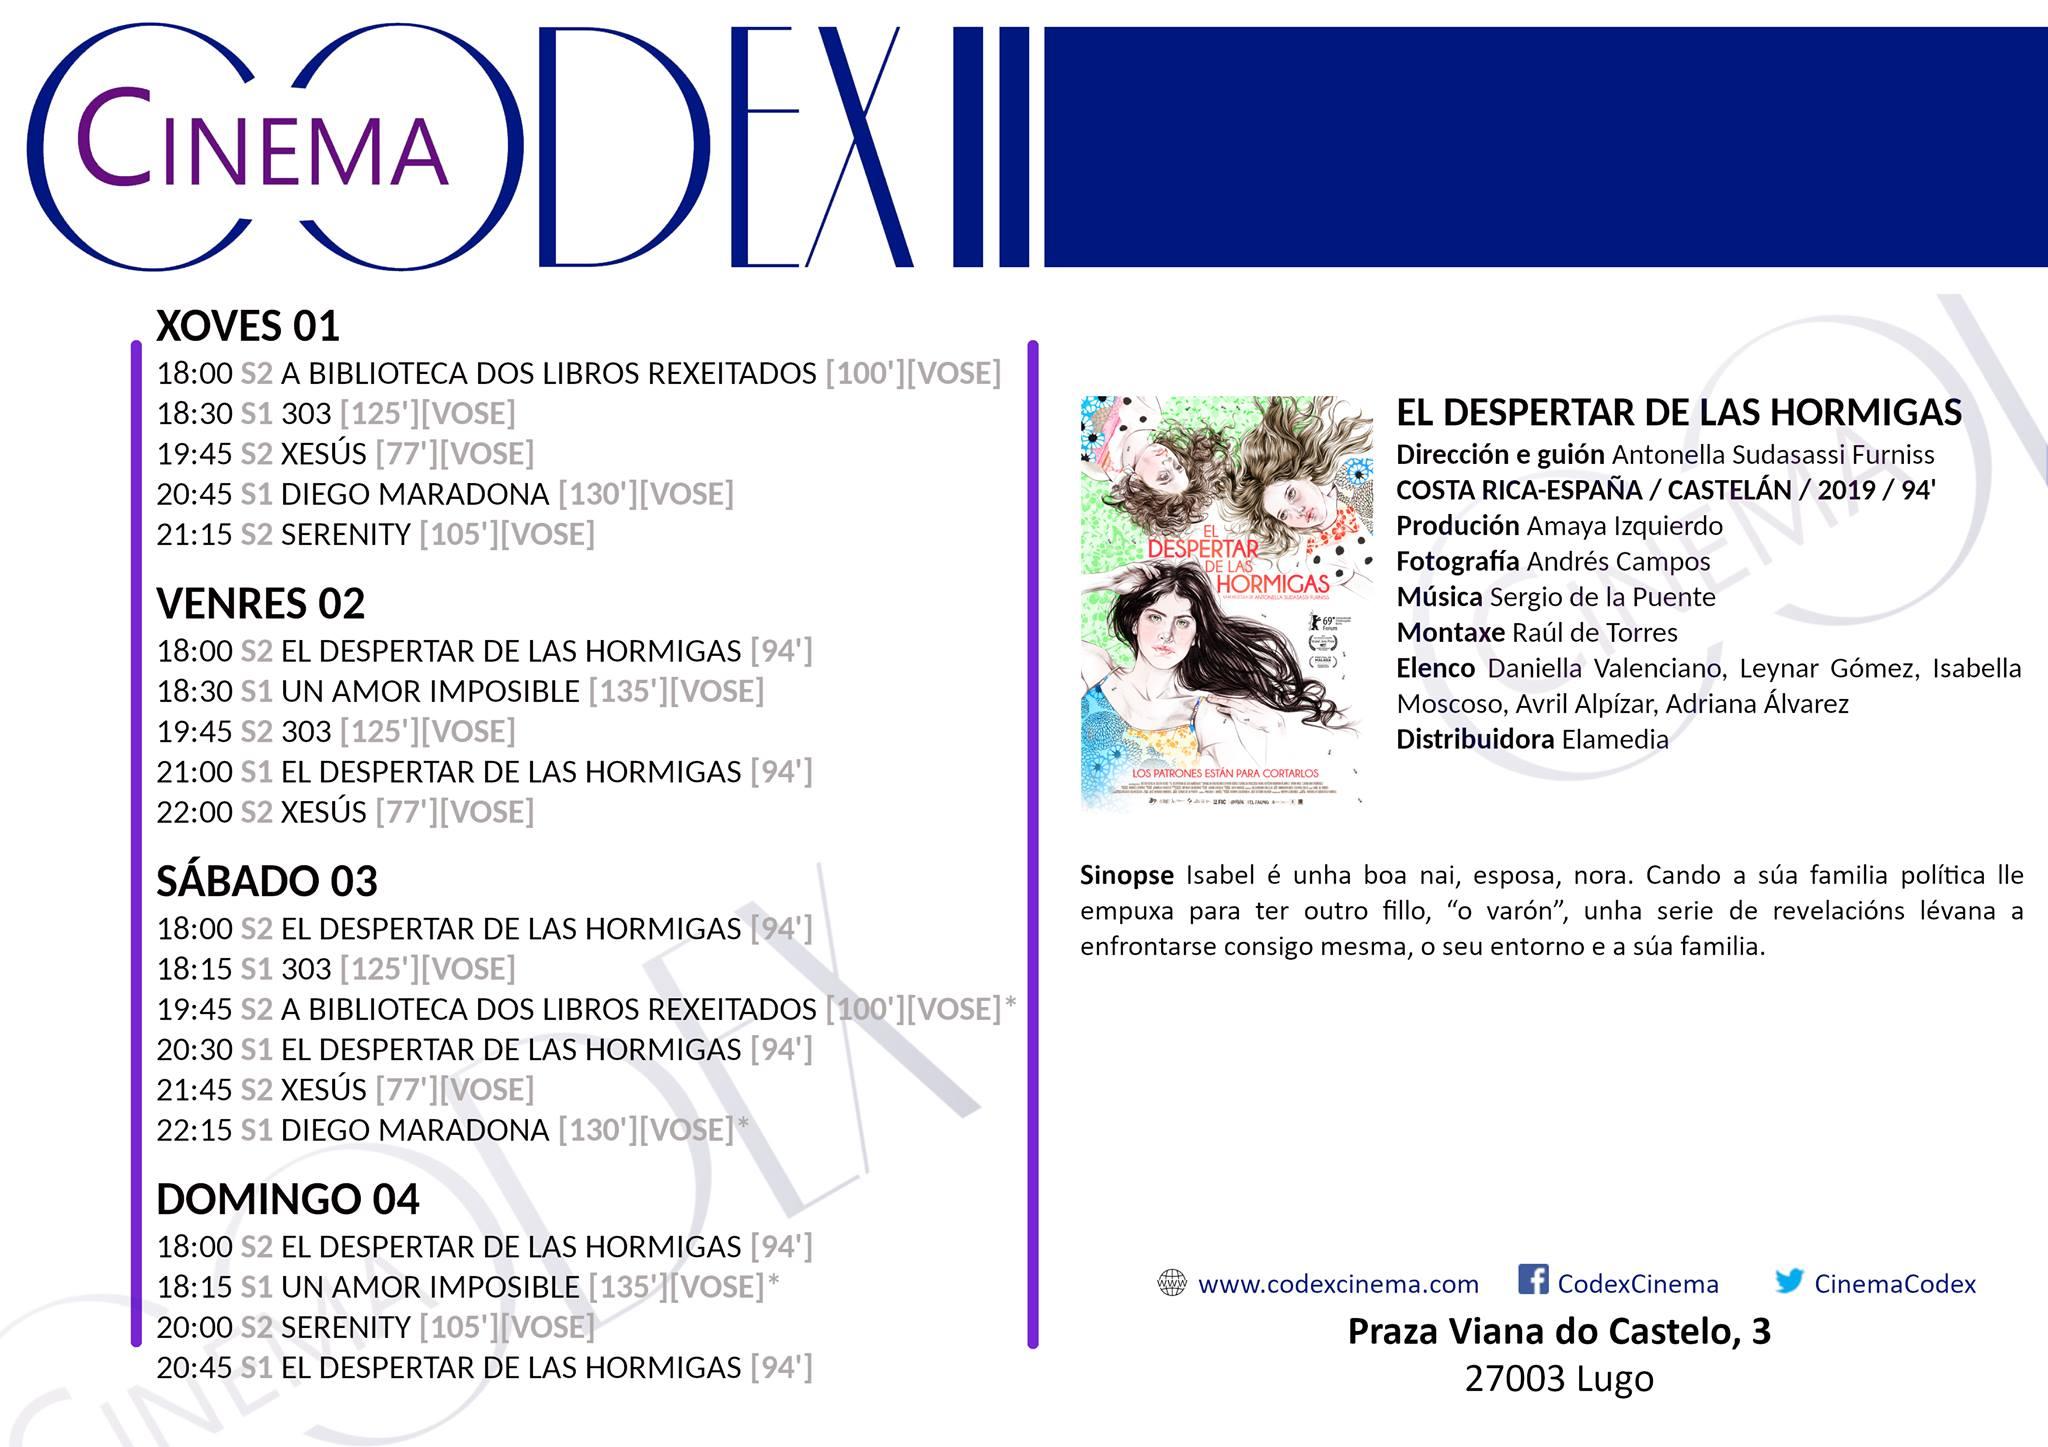 Películas nos Codex Cinema de Lugo